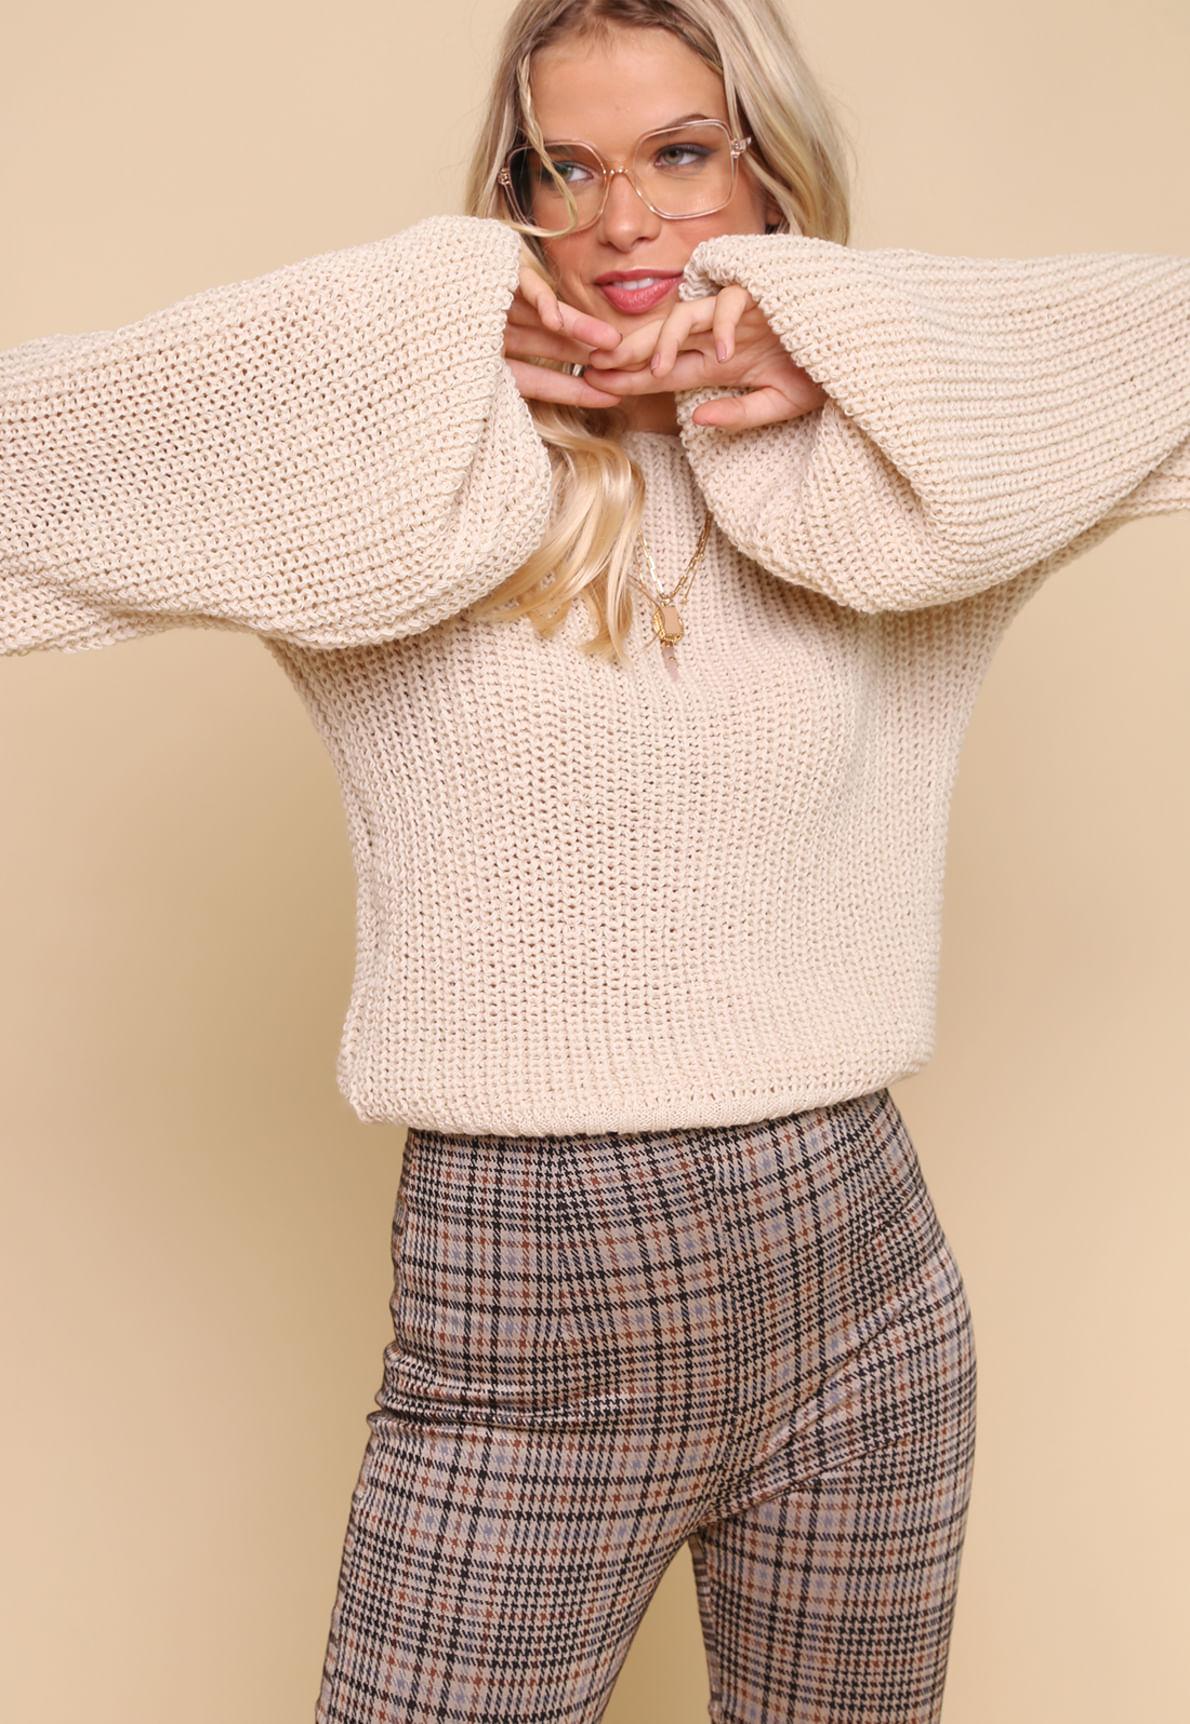 30255--trico-areia-lou-lou-mundo-lolita-01